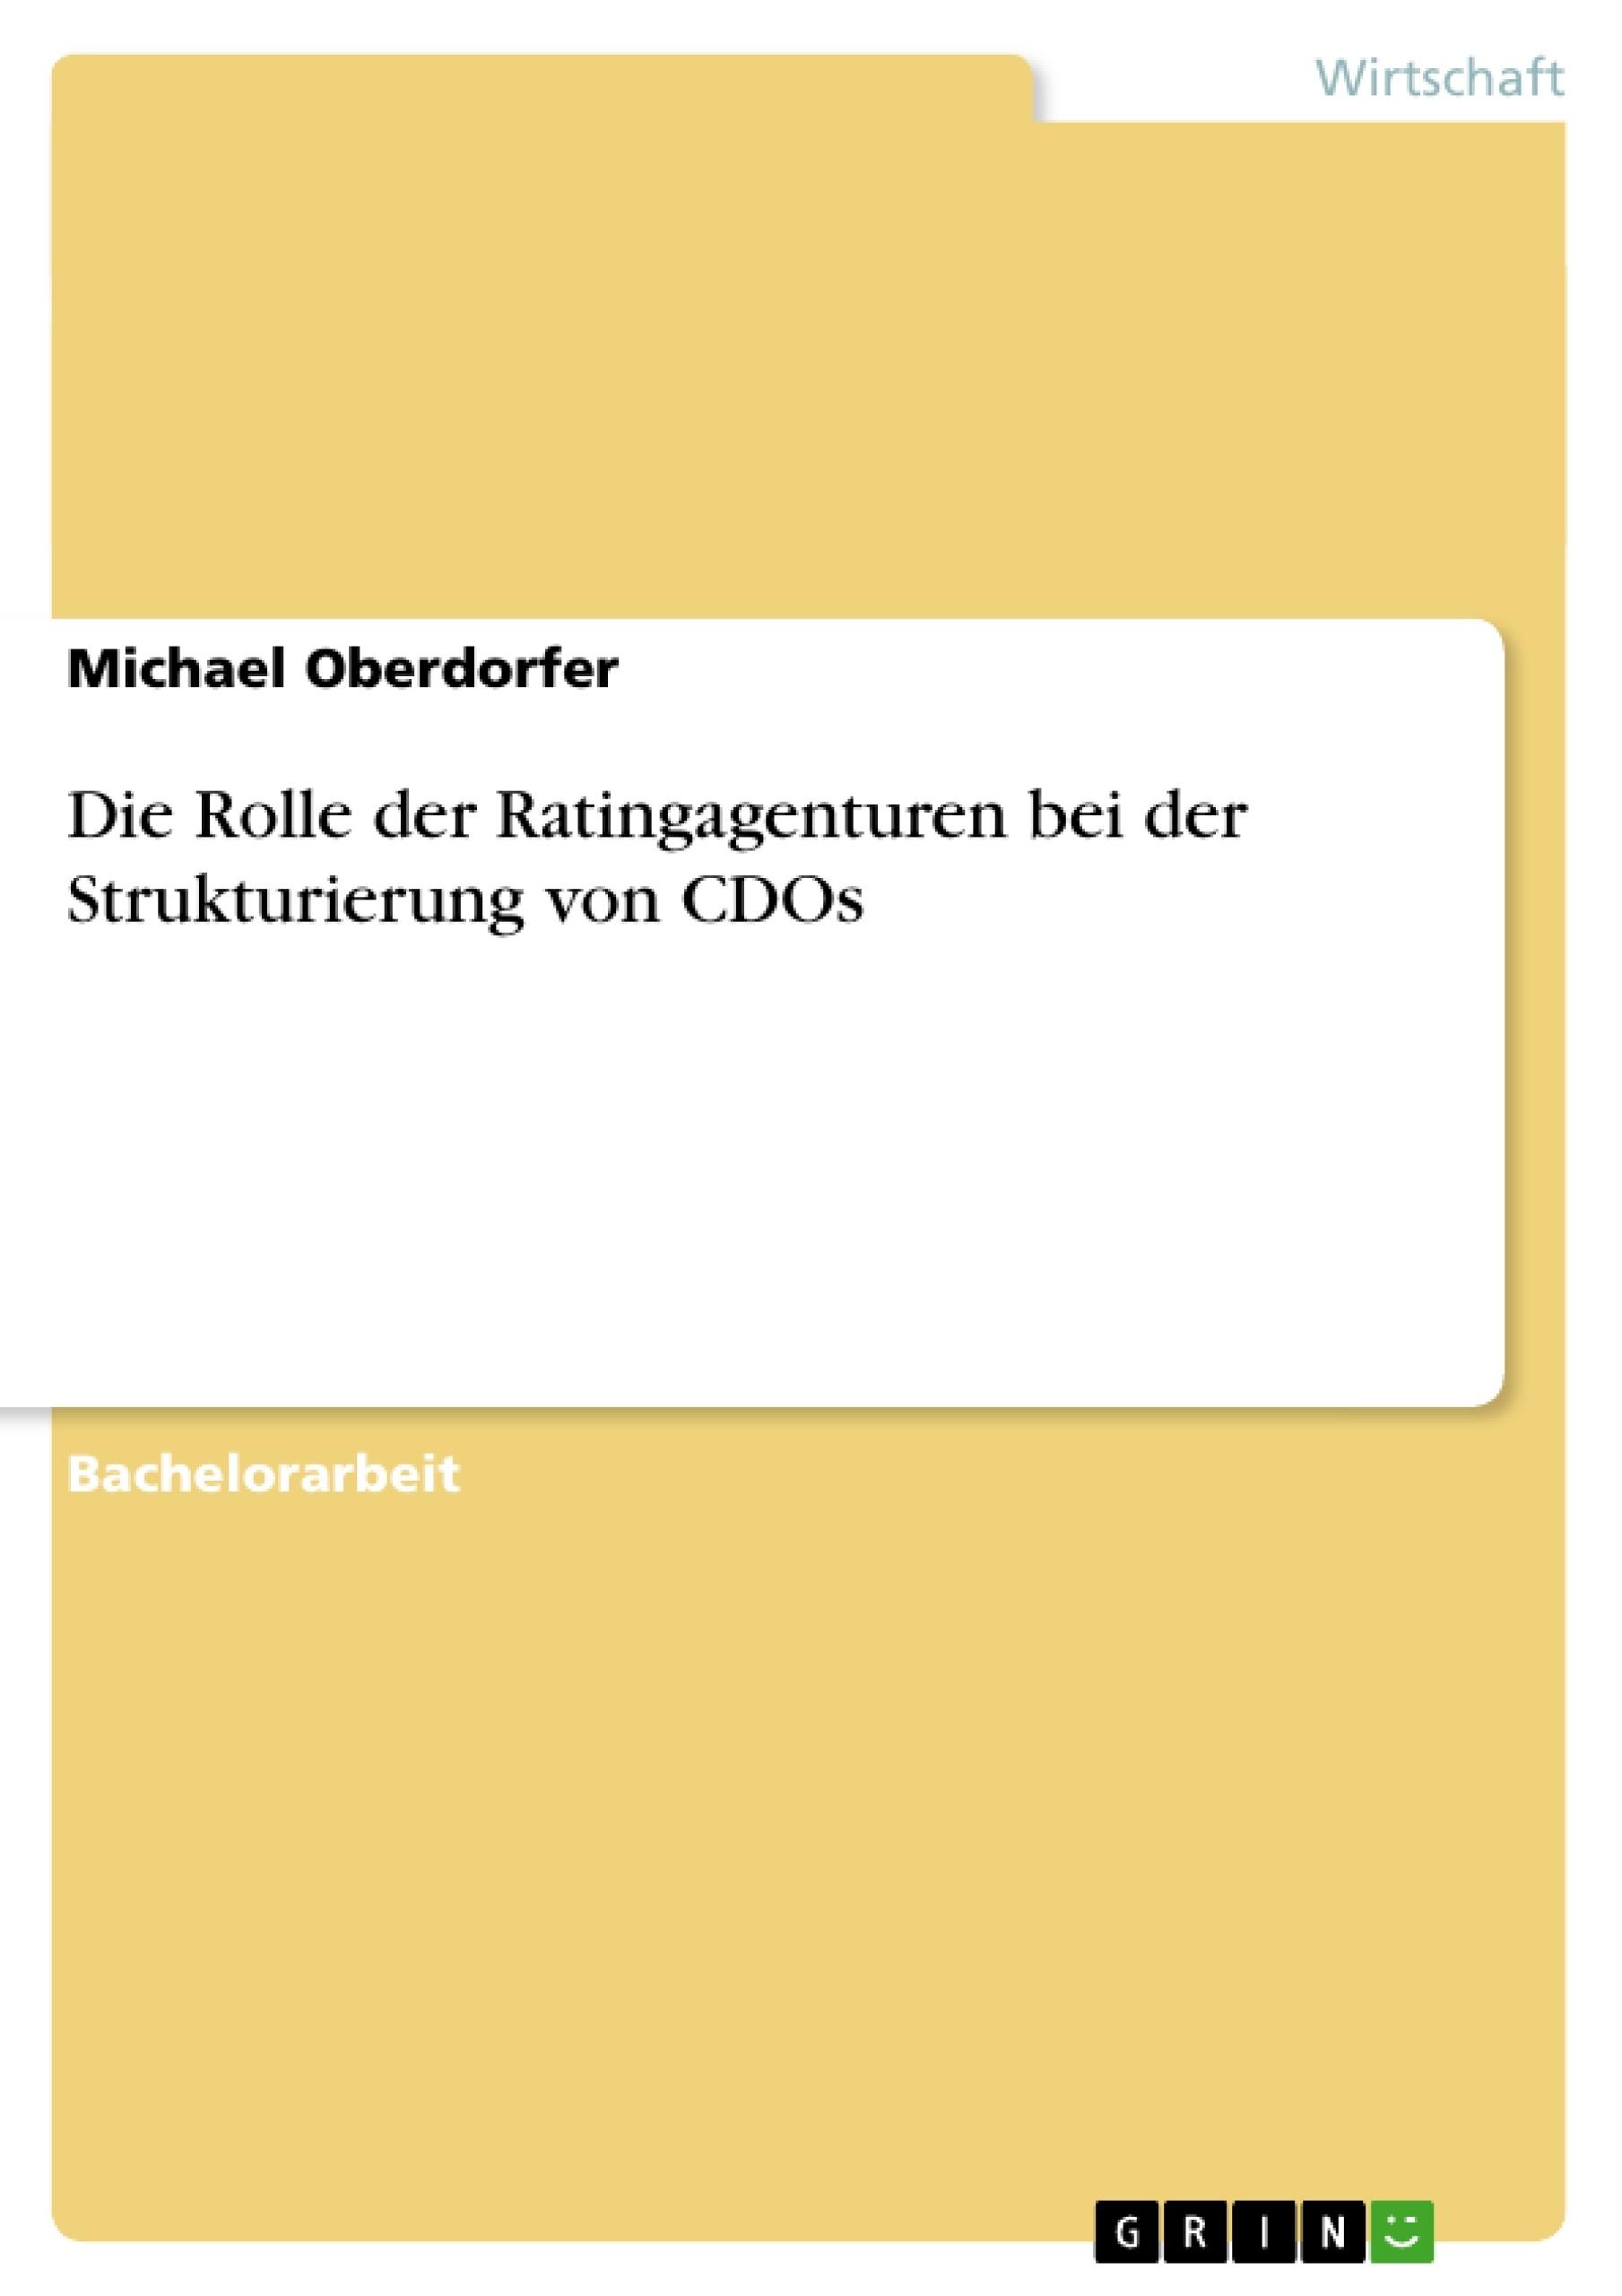 Titel: Die Rolle der Ratingagenturen bei der Strukturierung von CDOs